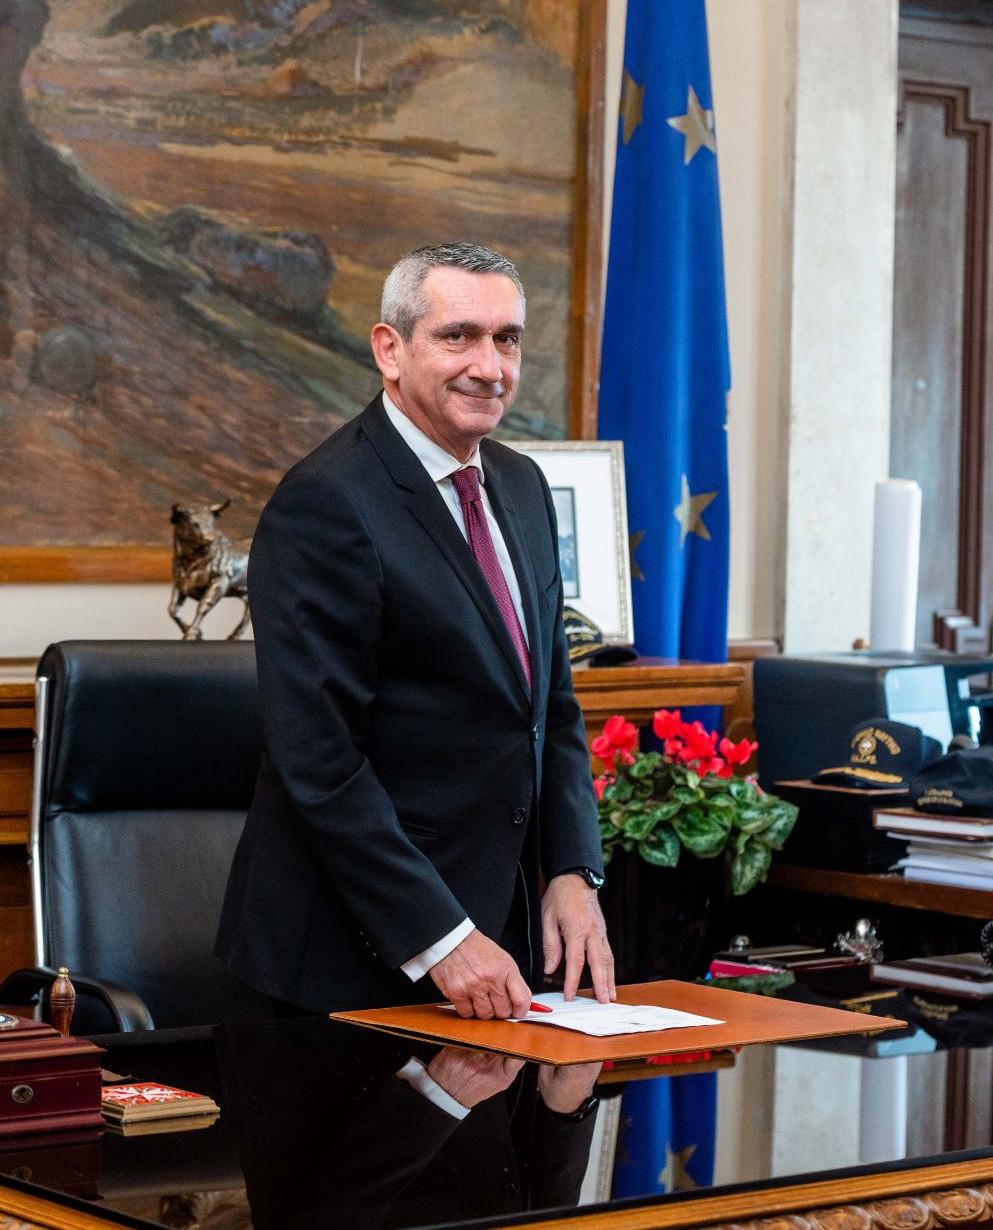 Γιώργος Χατζημάρκος - Περιφερειάρχης Ν. Αιγαίου